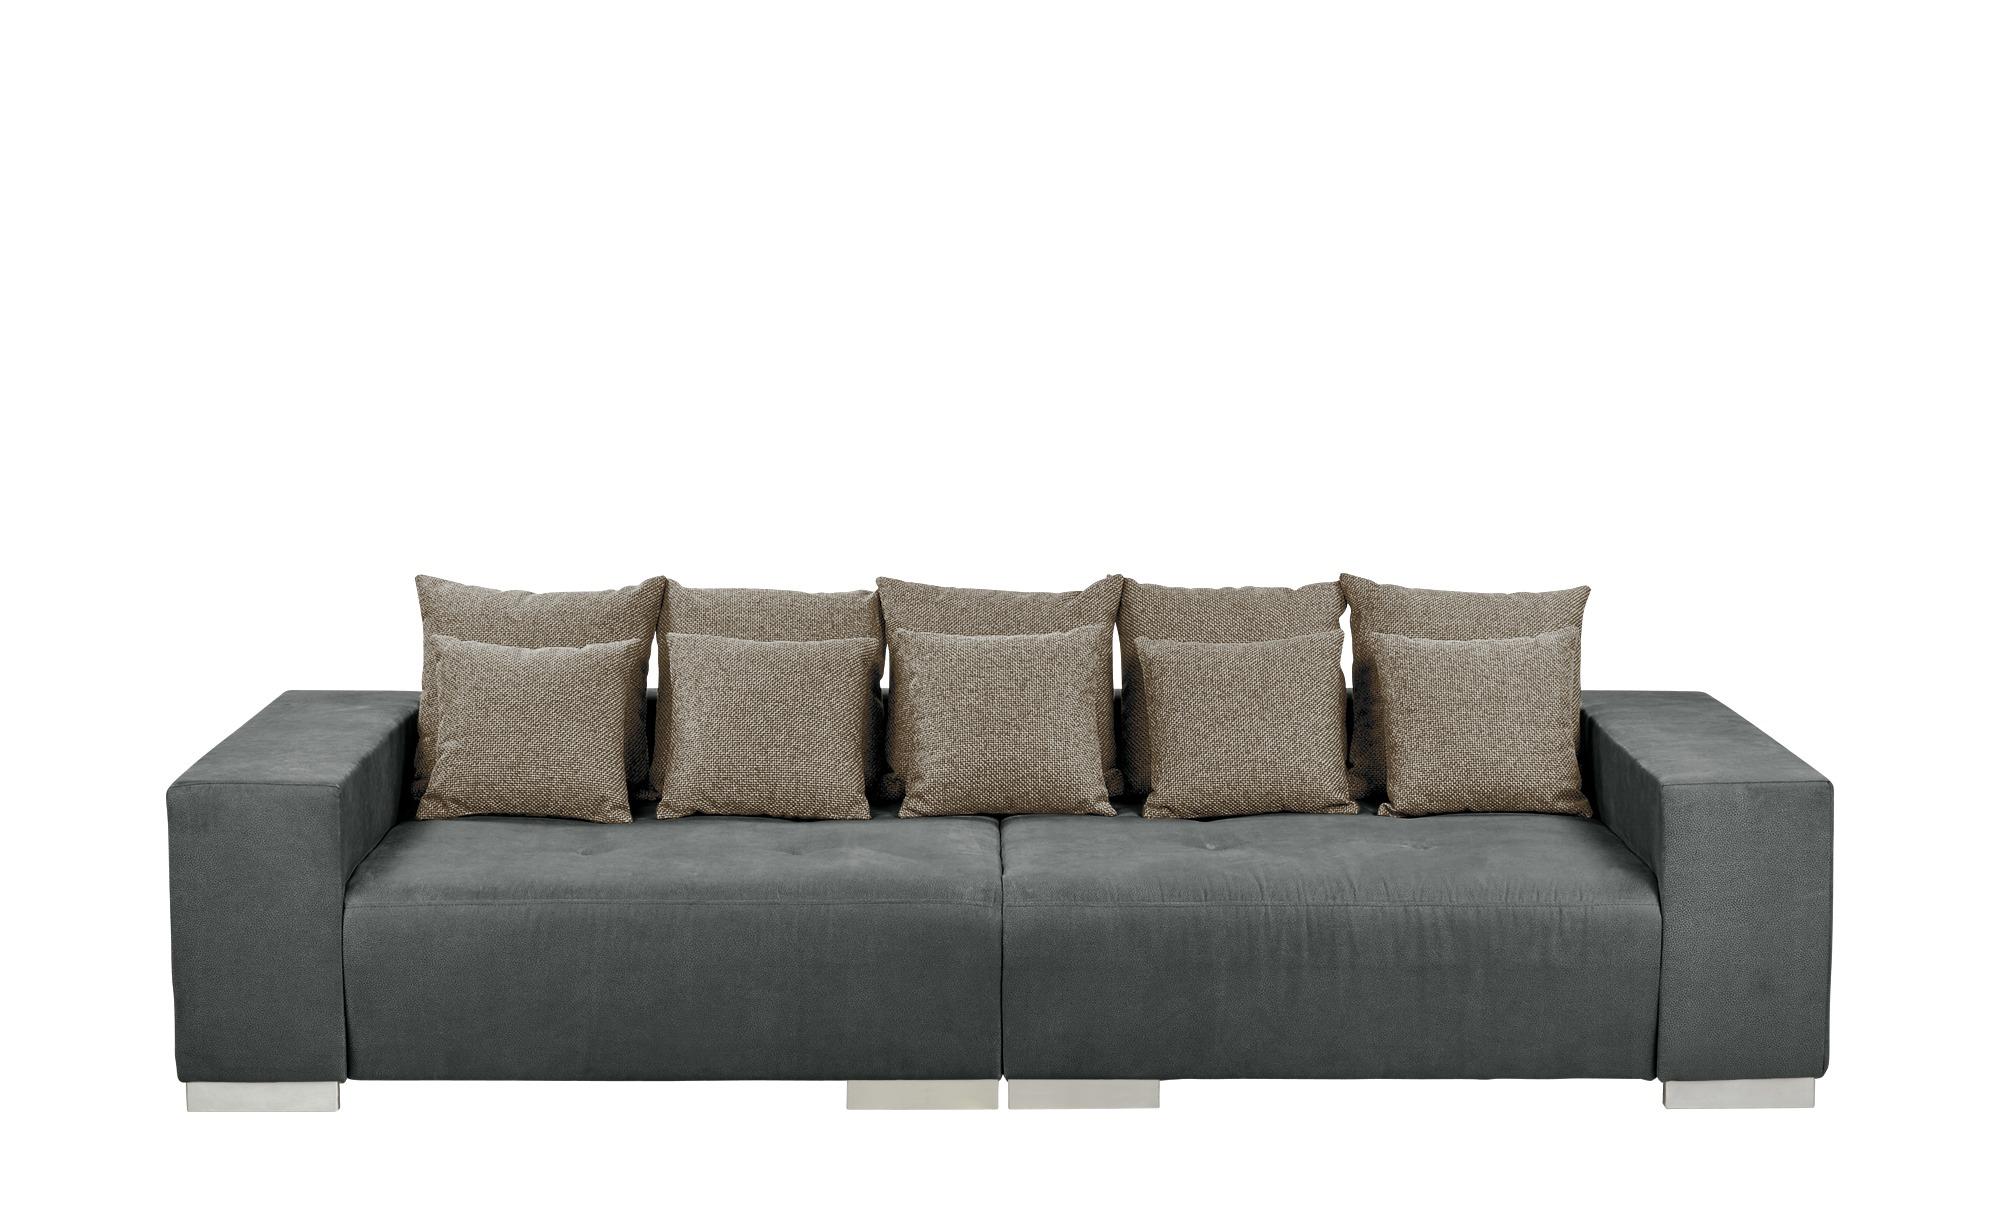 switch Big Sofa dunkelgrau - Mikrofaser Max ¦ grau ¦ Maße (cm): B: 300 H: 85 T: 136 Polstermöbel > Sofas > Big-Sofas - Höffner | Wohnzimmer > Sofas & Couches > Bigsofas | Möbel Höffner DE